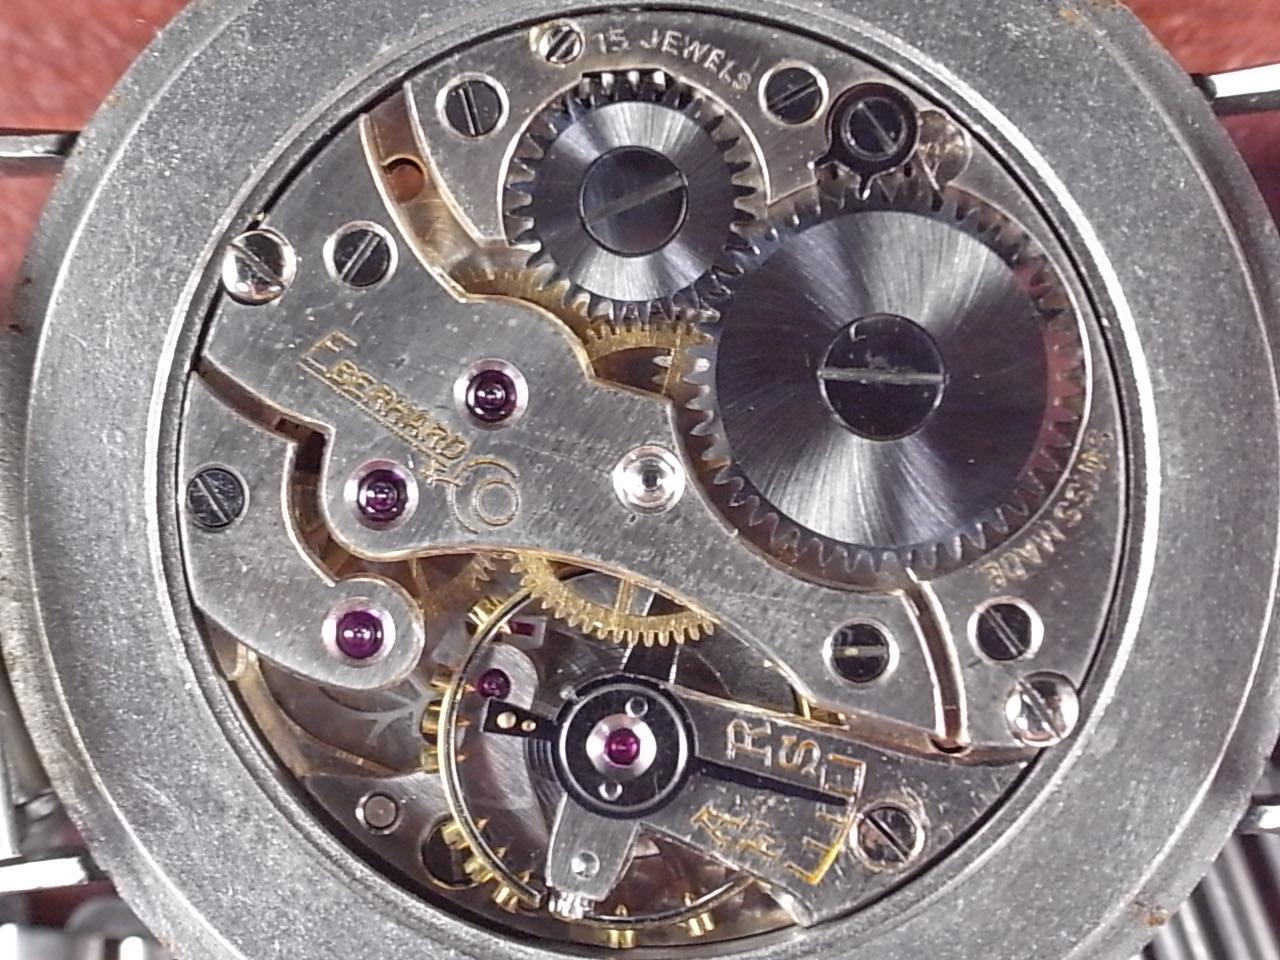 エベラール ピンクダイアル シリンダーケース ニアミント ボンクリップ付き 1940年代の写真5枚目